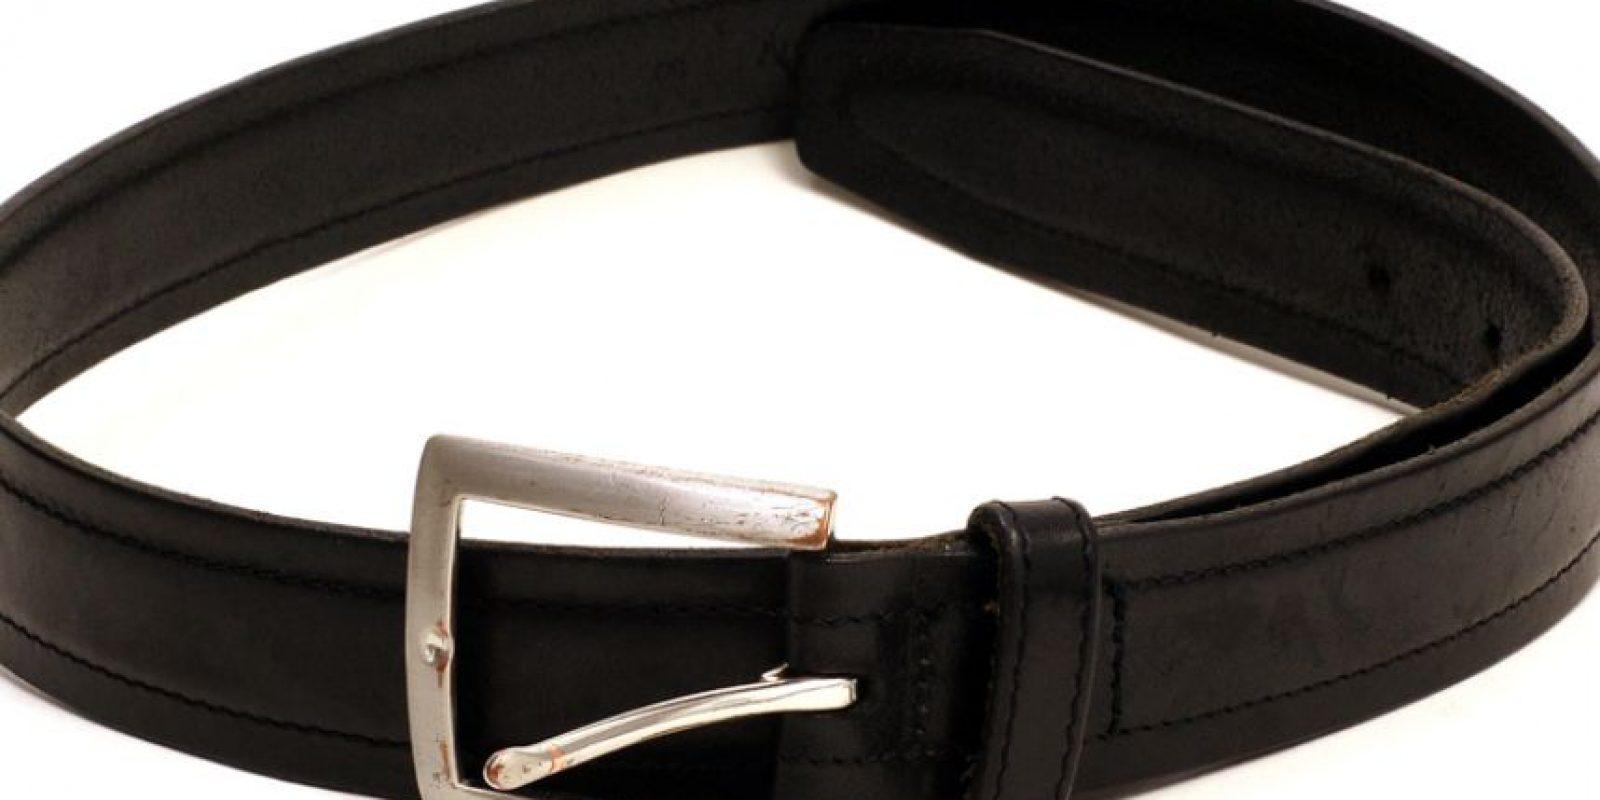 Los cinturones, Human Leather también los fabrica en 15750 dólares